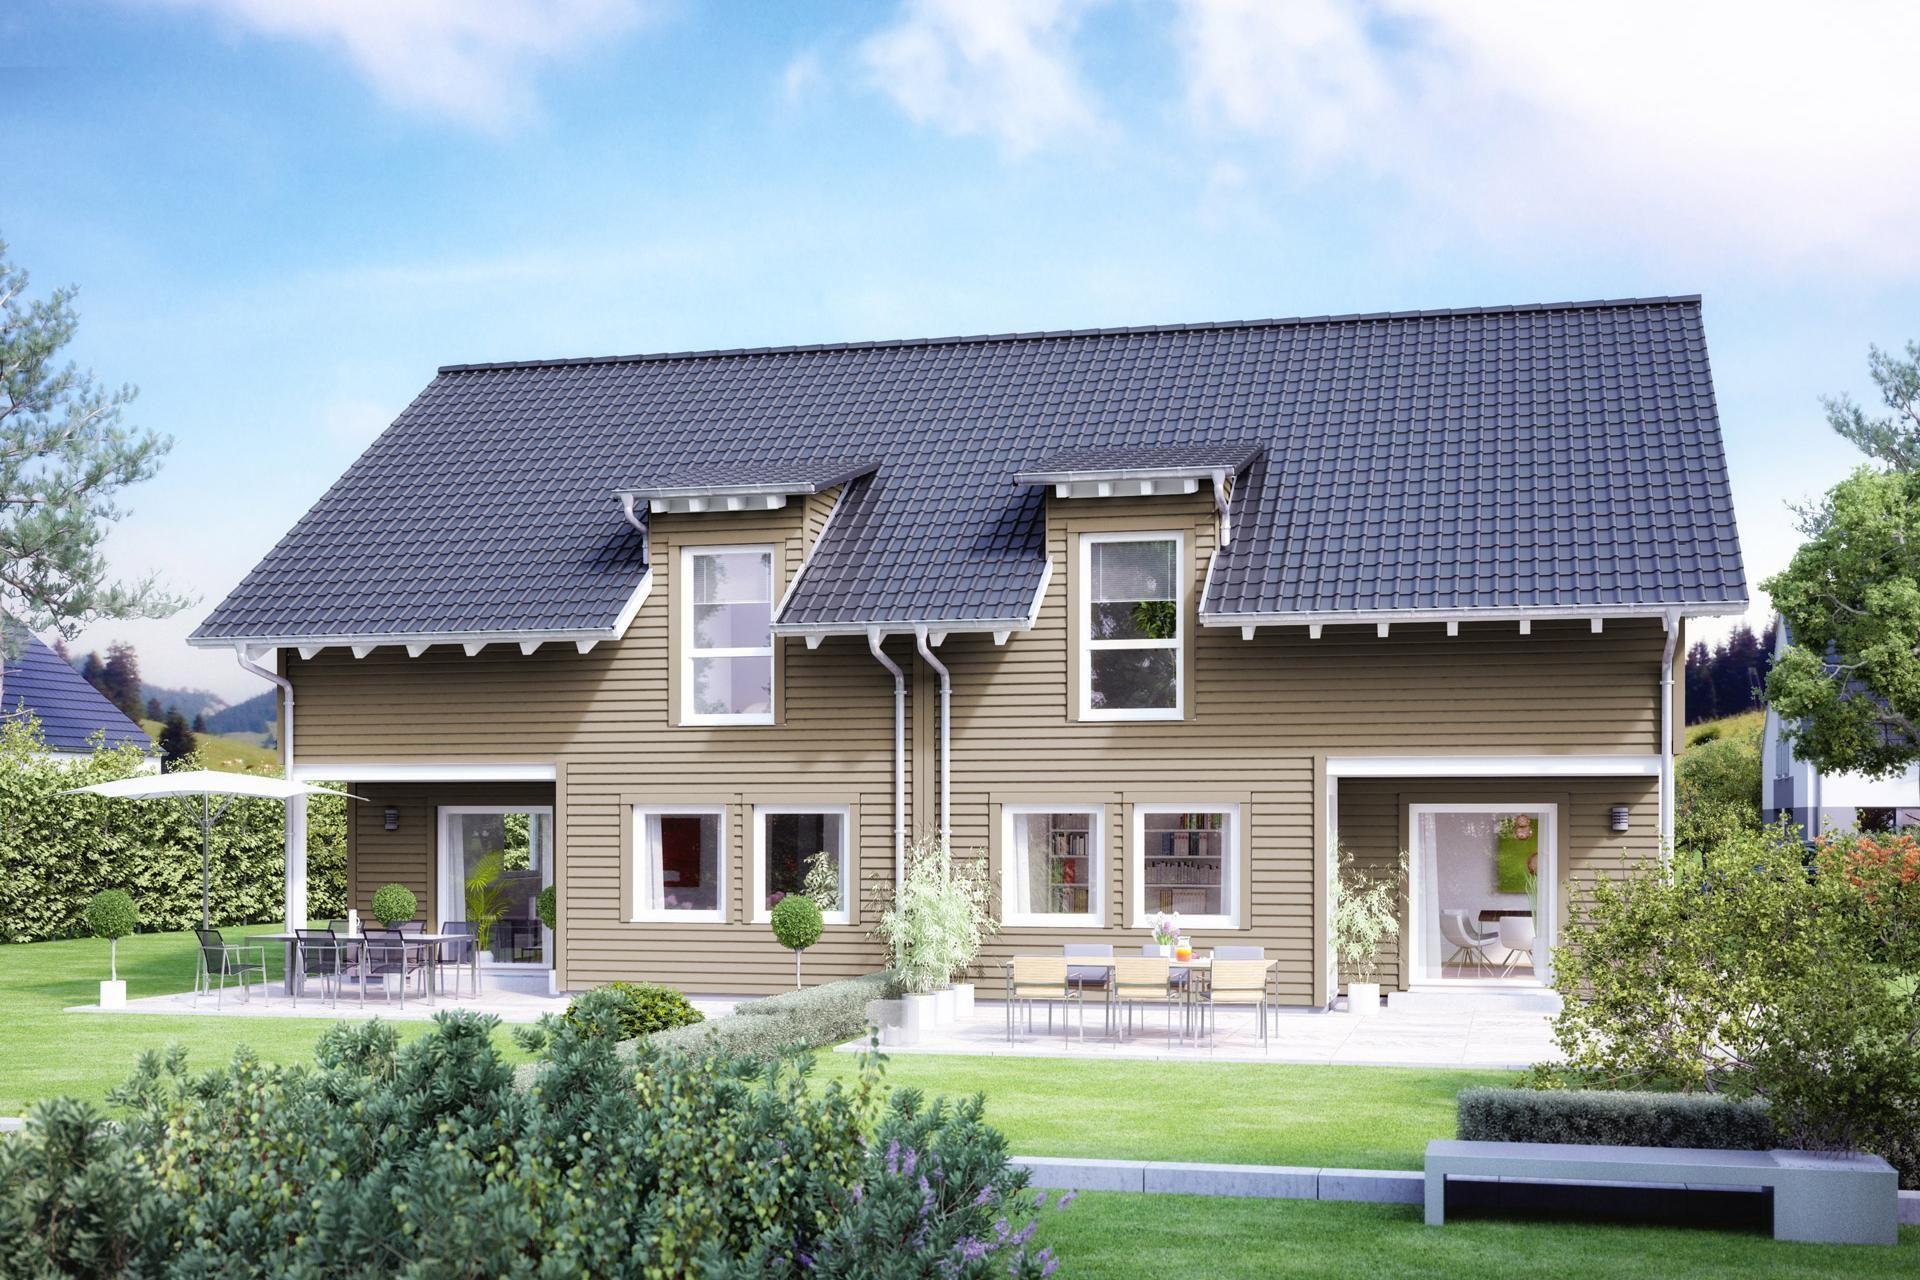 Doppelhaus Mit Überdachtem Freisitz | Fertig Haus | Pinterest